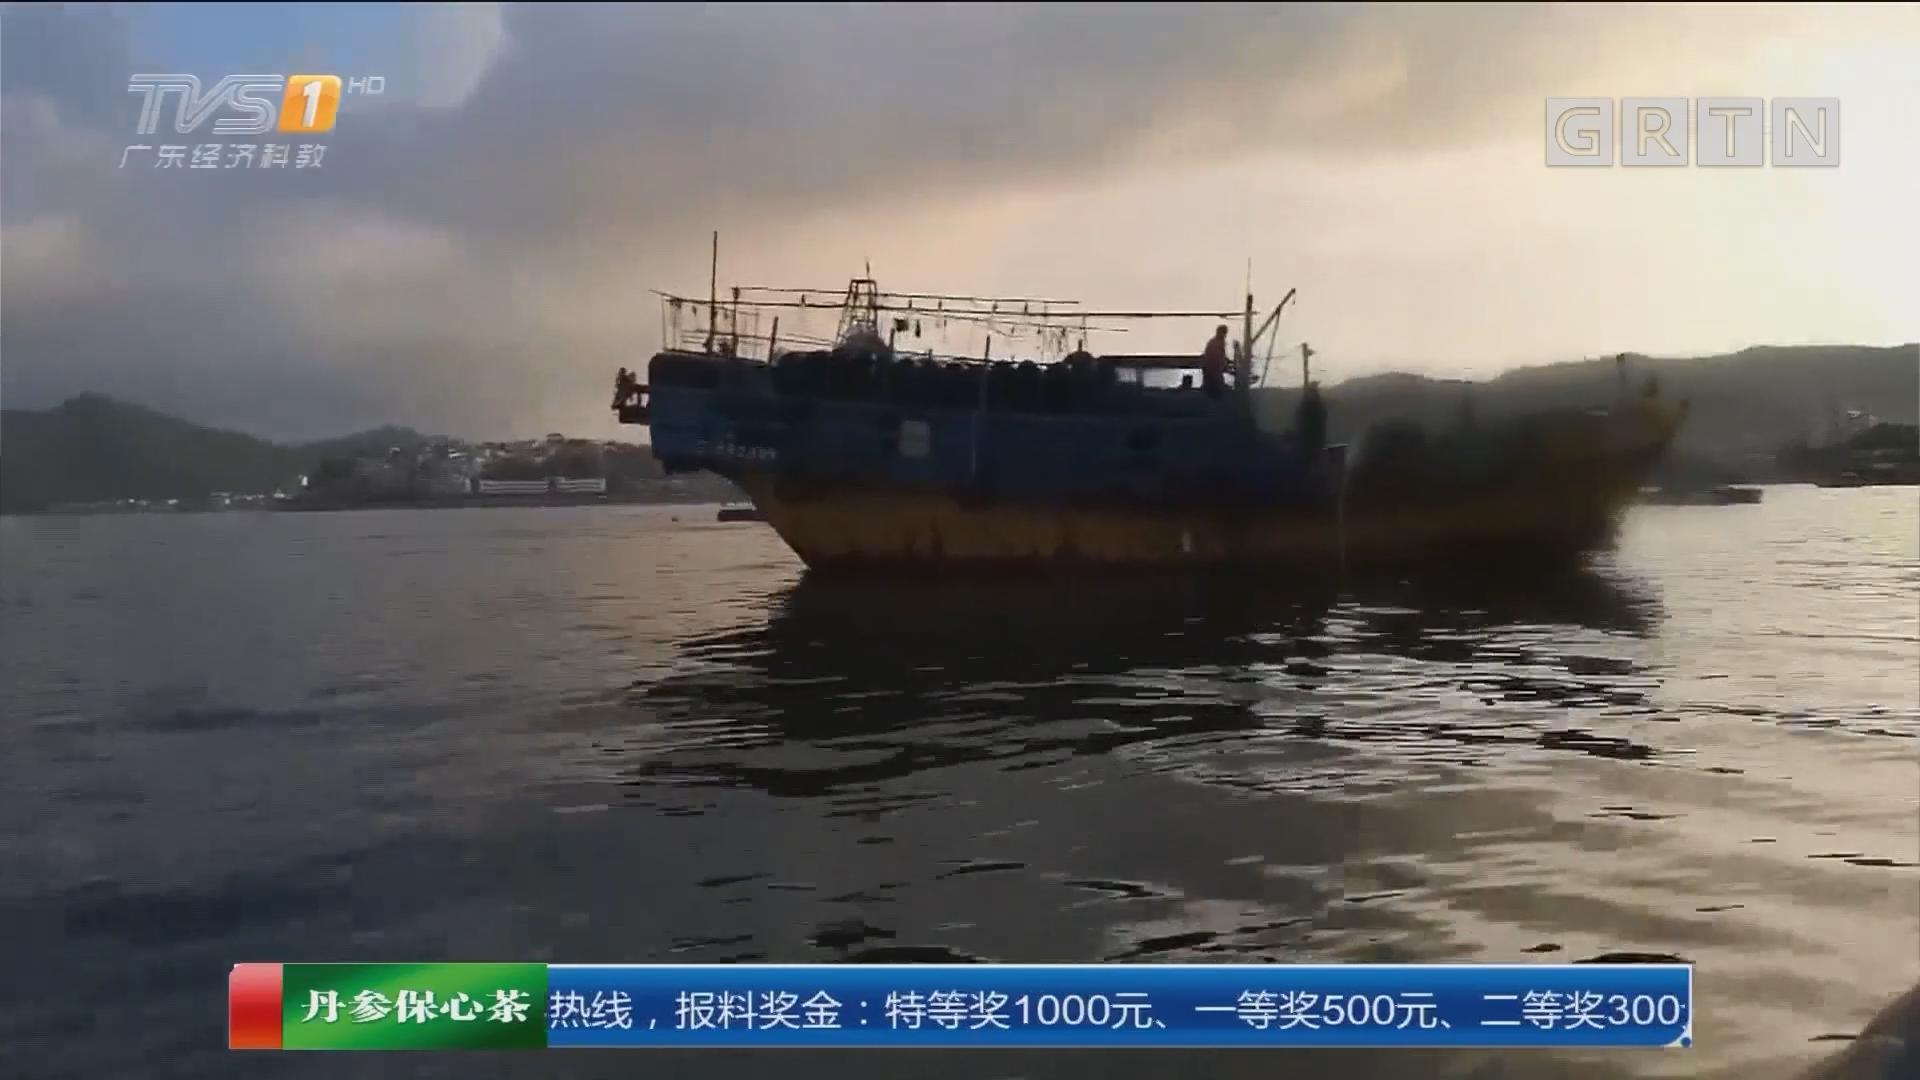 """一线独家调查:不顾""""禁渔令""""非法捕捞 为躲检查 海上分装后用小船拉鱼上岸"""